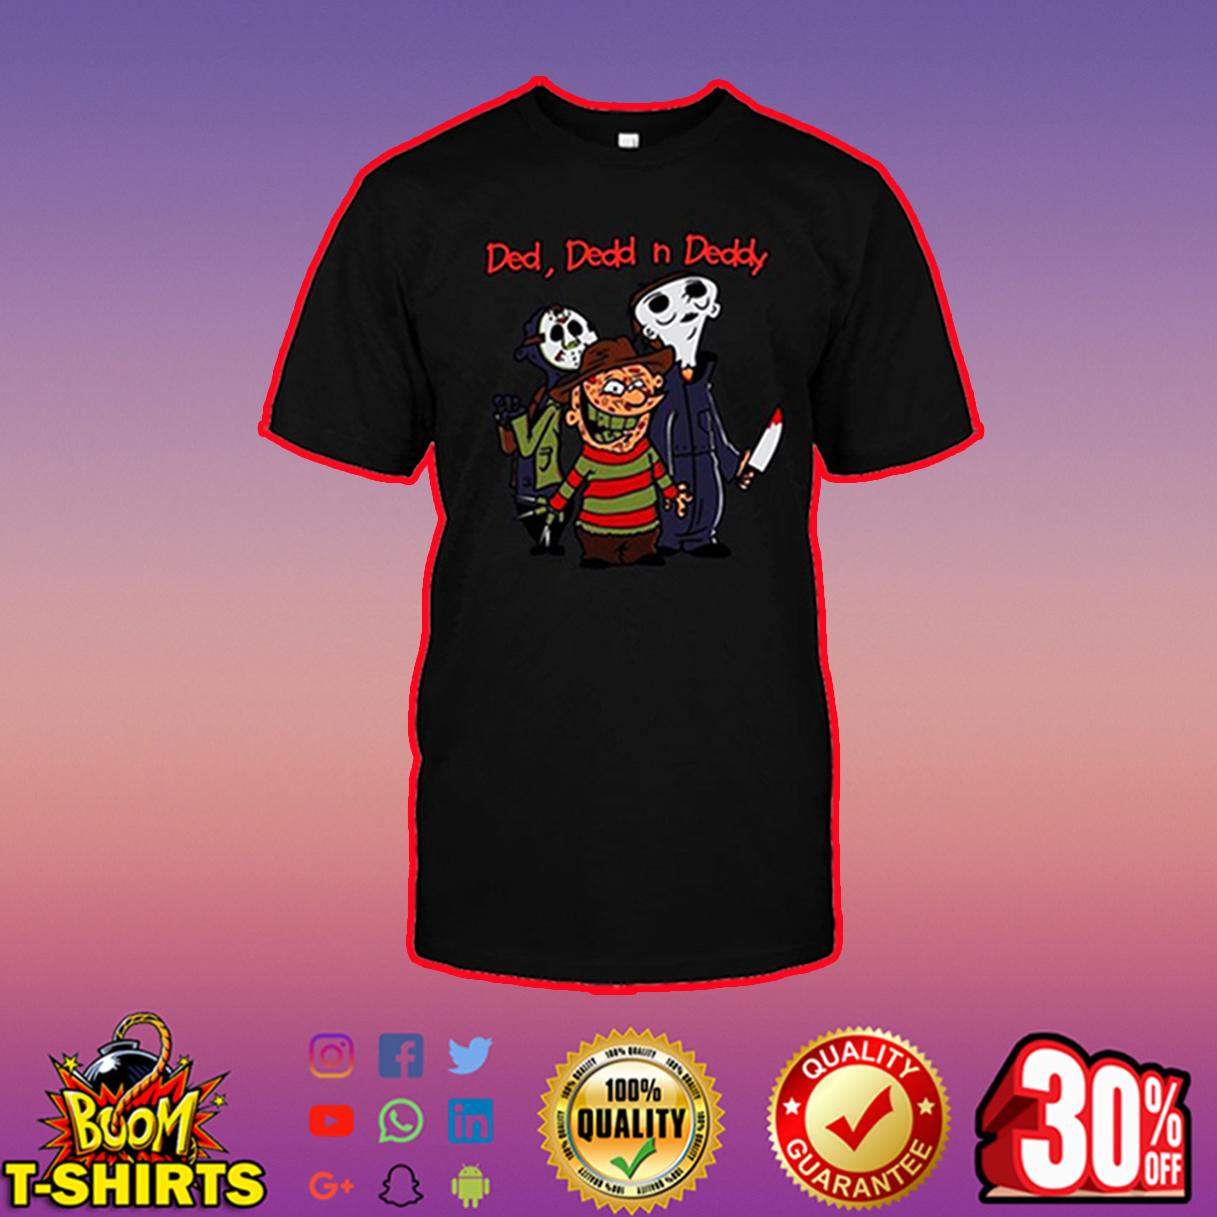 Ded Dedd n Deddy shirt